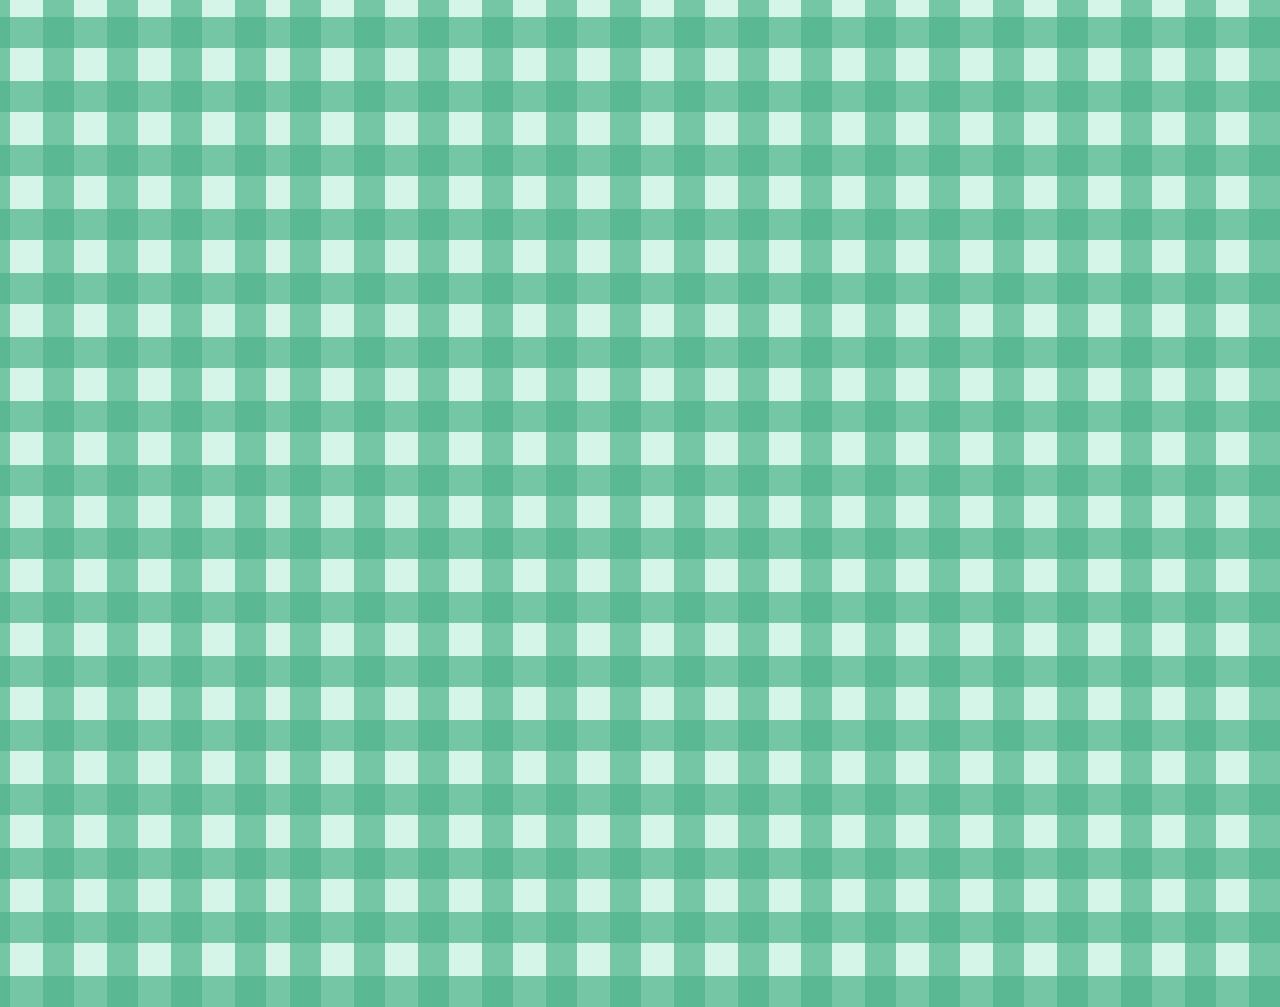 Wallpaper tattersall green white gingham blue stripes cadet blue - Green Gingham Wallpaper Wallpapersafari